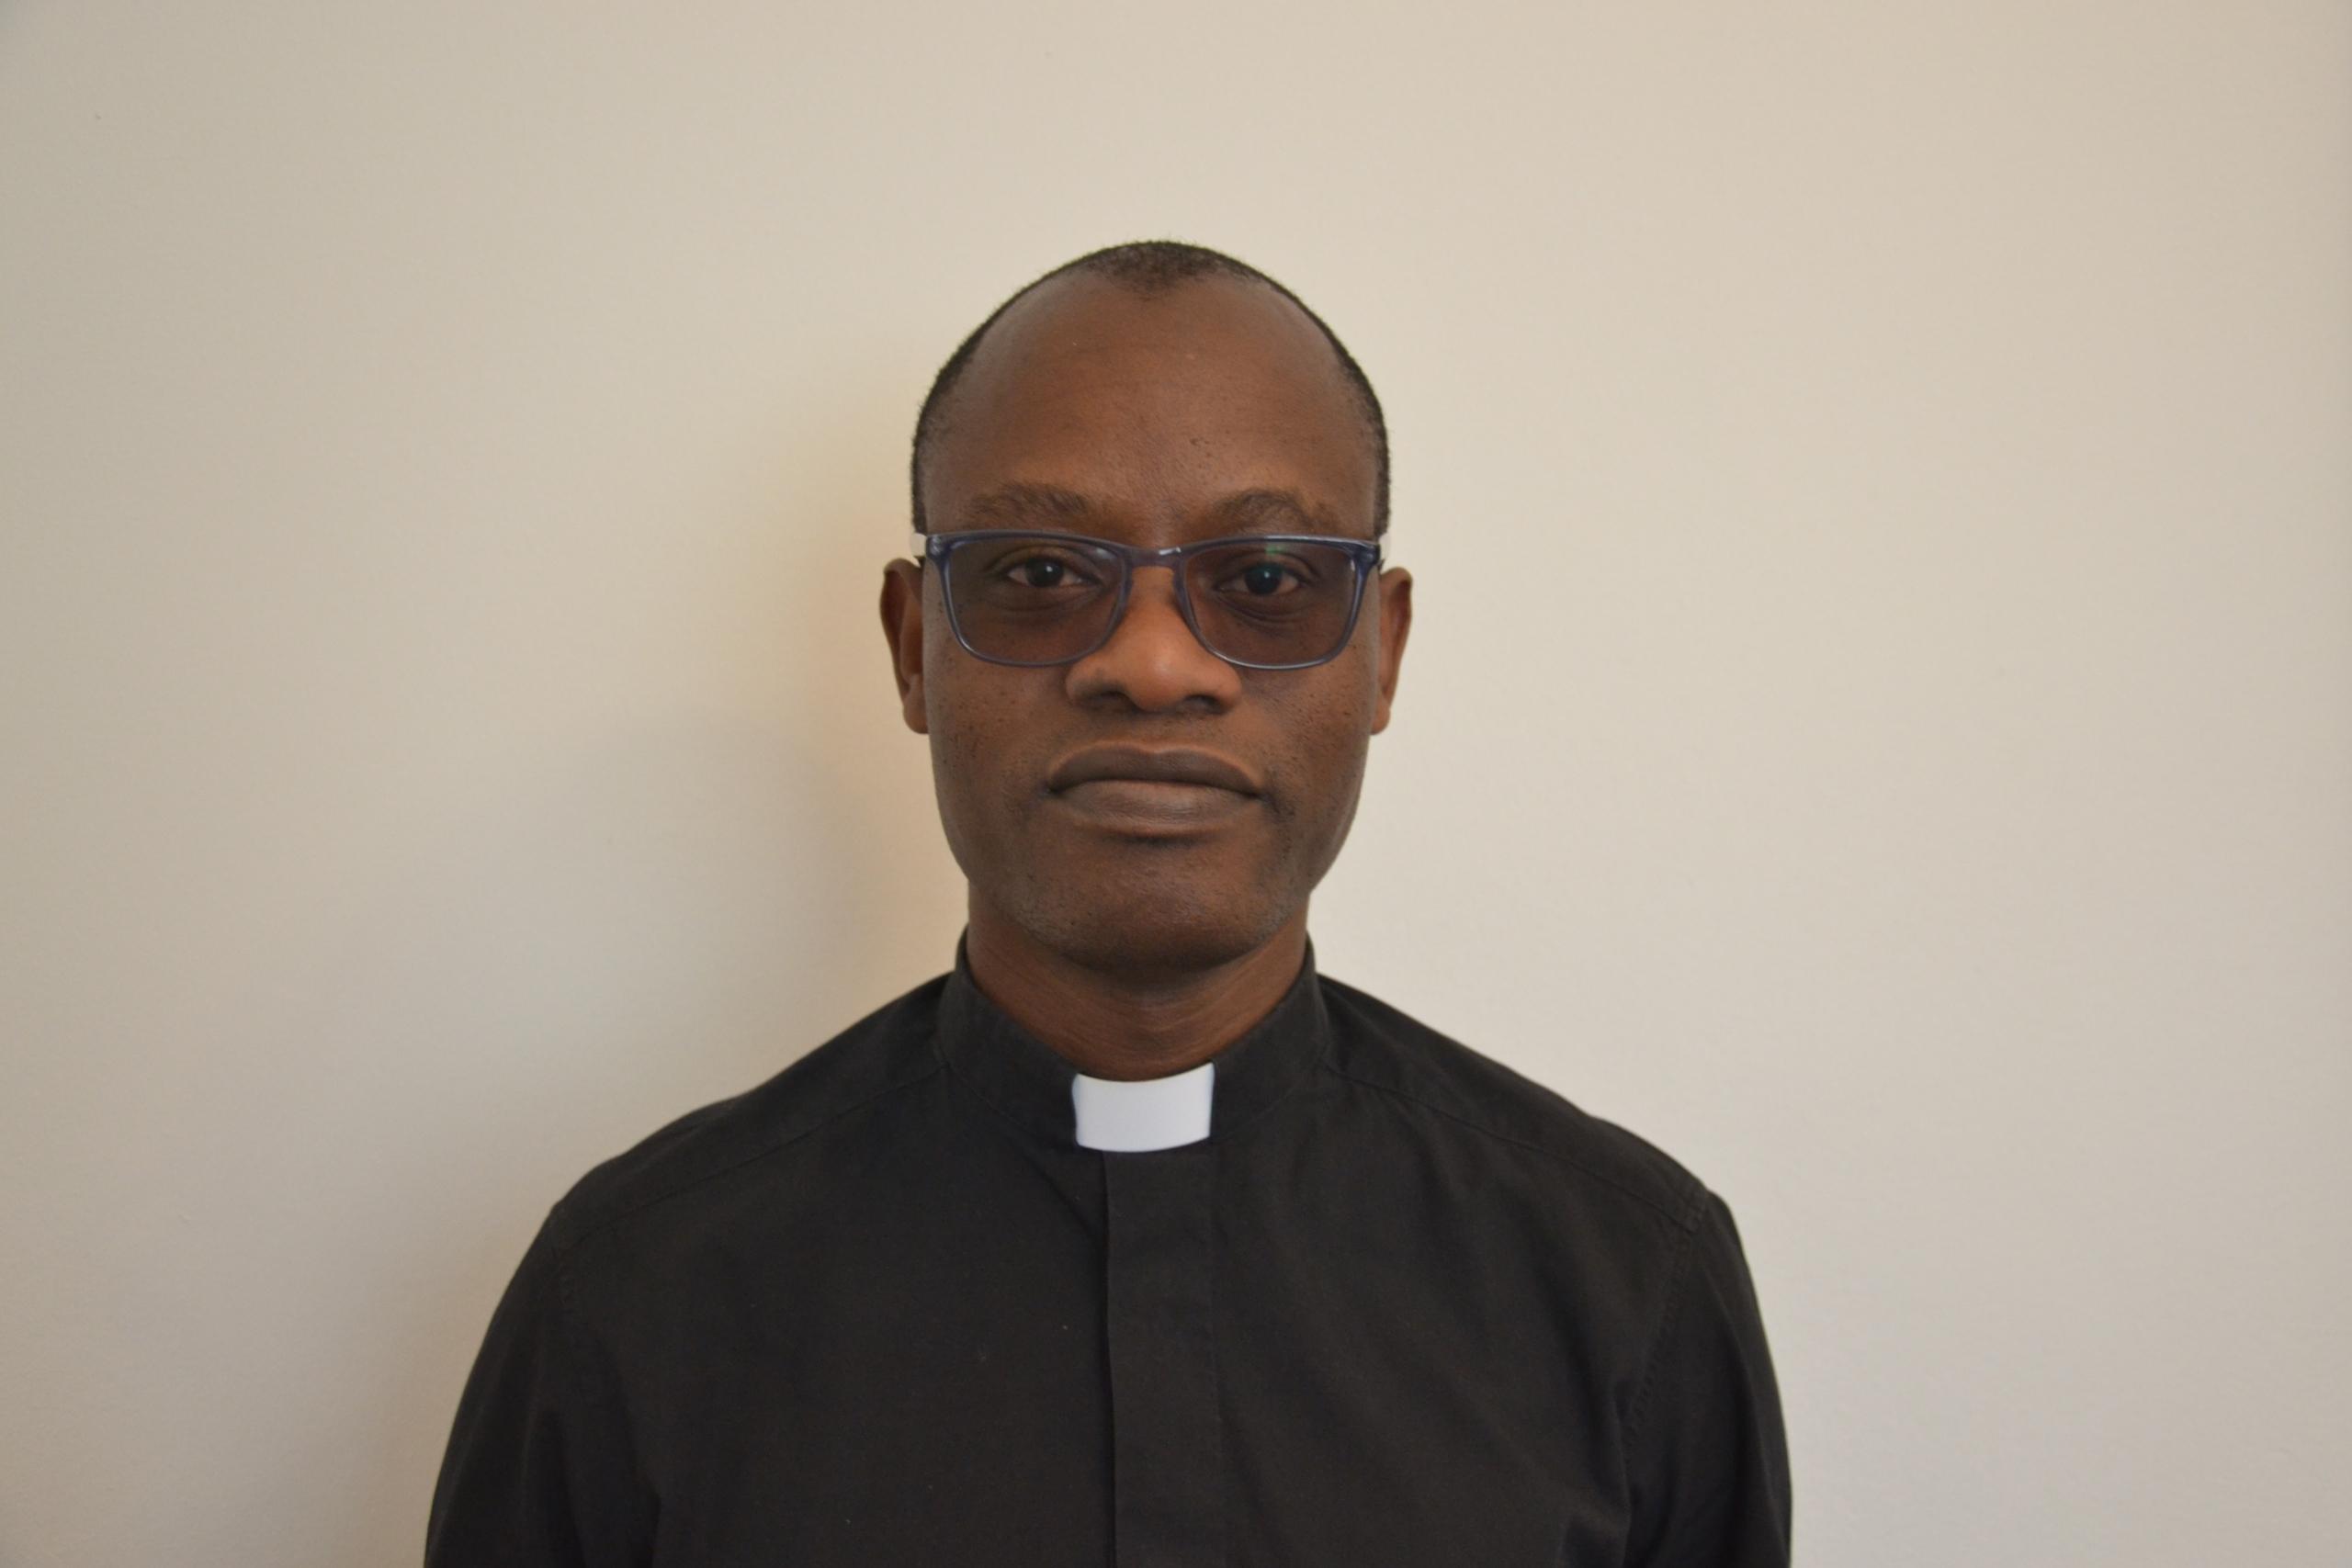 Joseph Chimfwembe